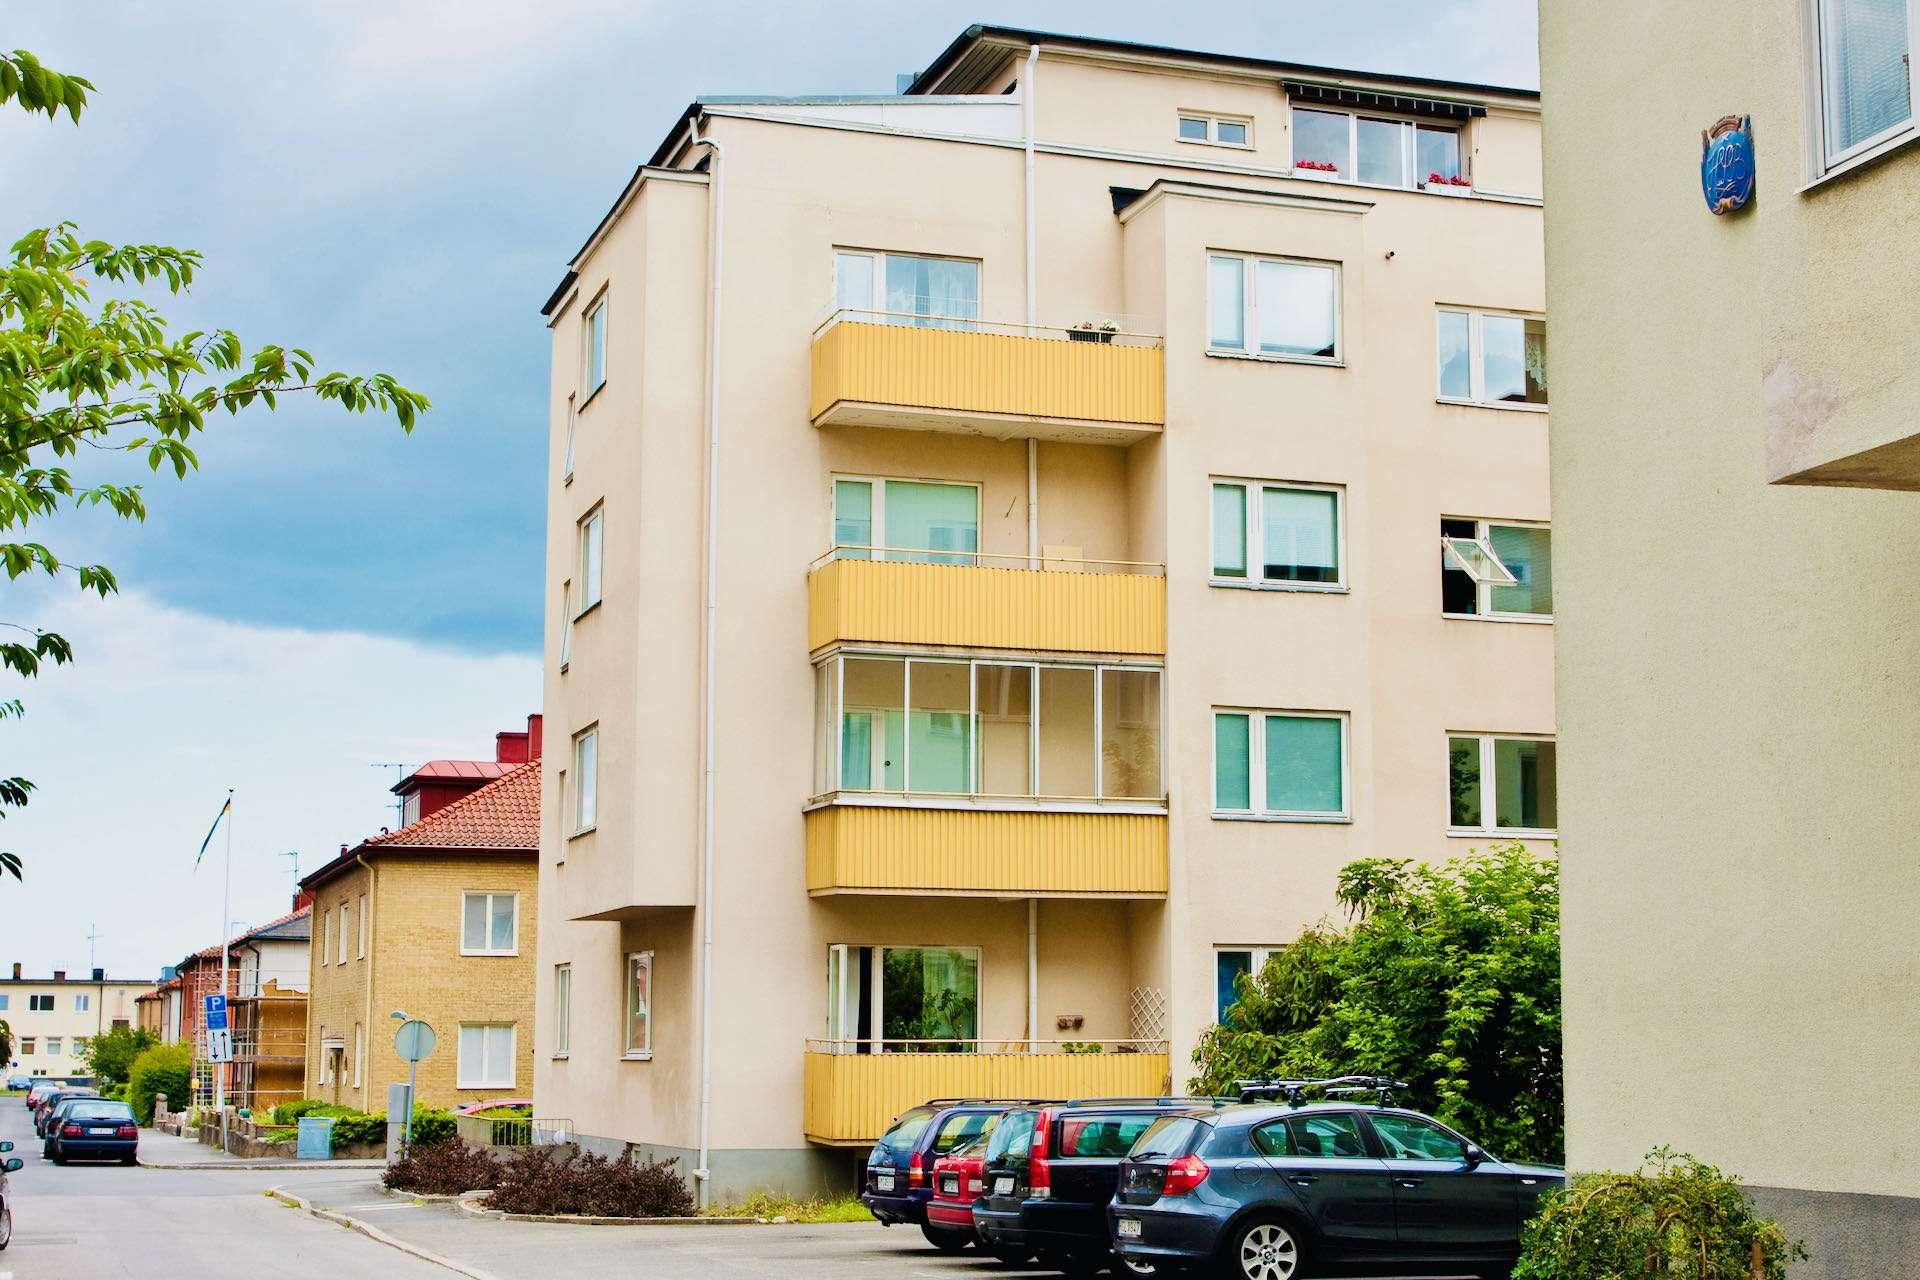 Handskmakaregatan 2A i Kristianstad.